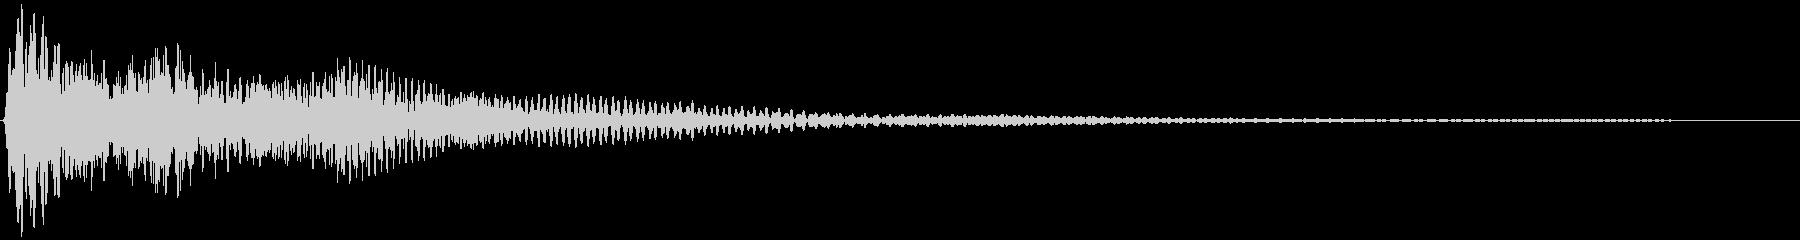 選択音、決定音など 宇宙風D ブオーンの未再生の波形